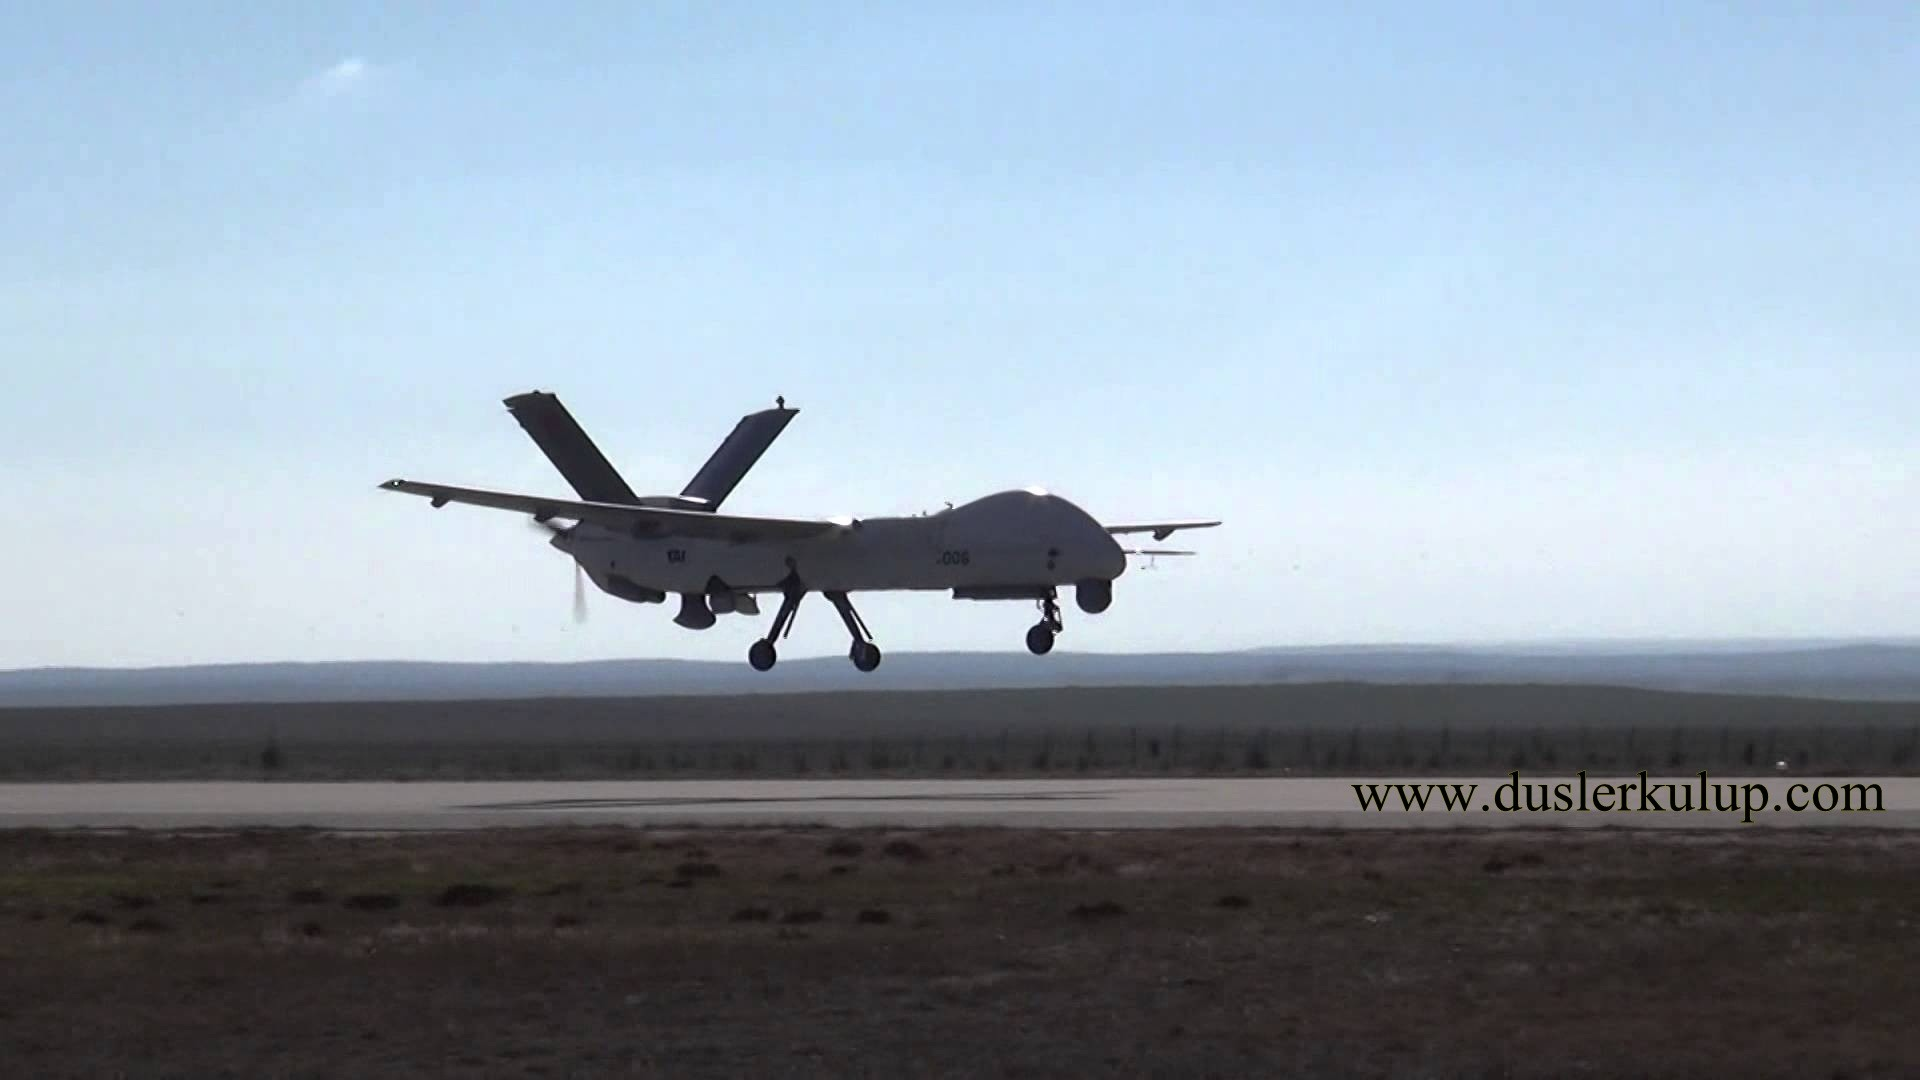 Yerli Yapım Akıncı Silahlı İnsansız Hava Aracı Hakkında Bilgi